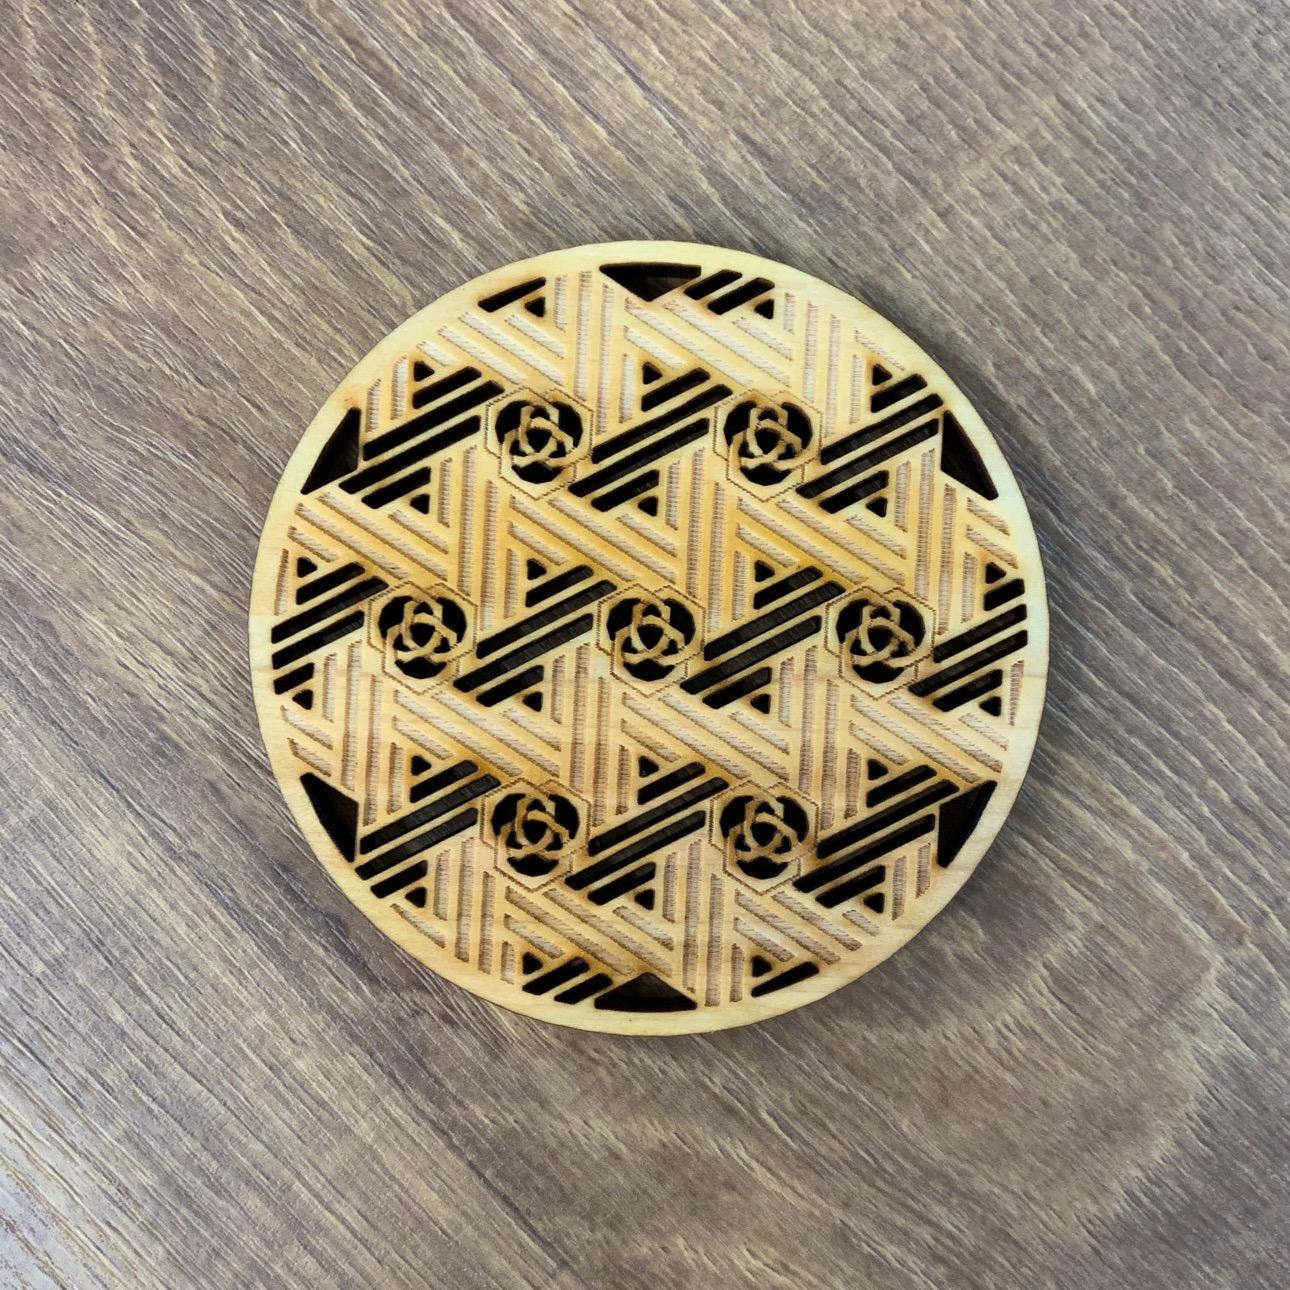 【伝統文様コースター】菜篭麻の葉三つ組亀甲